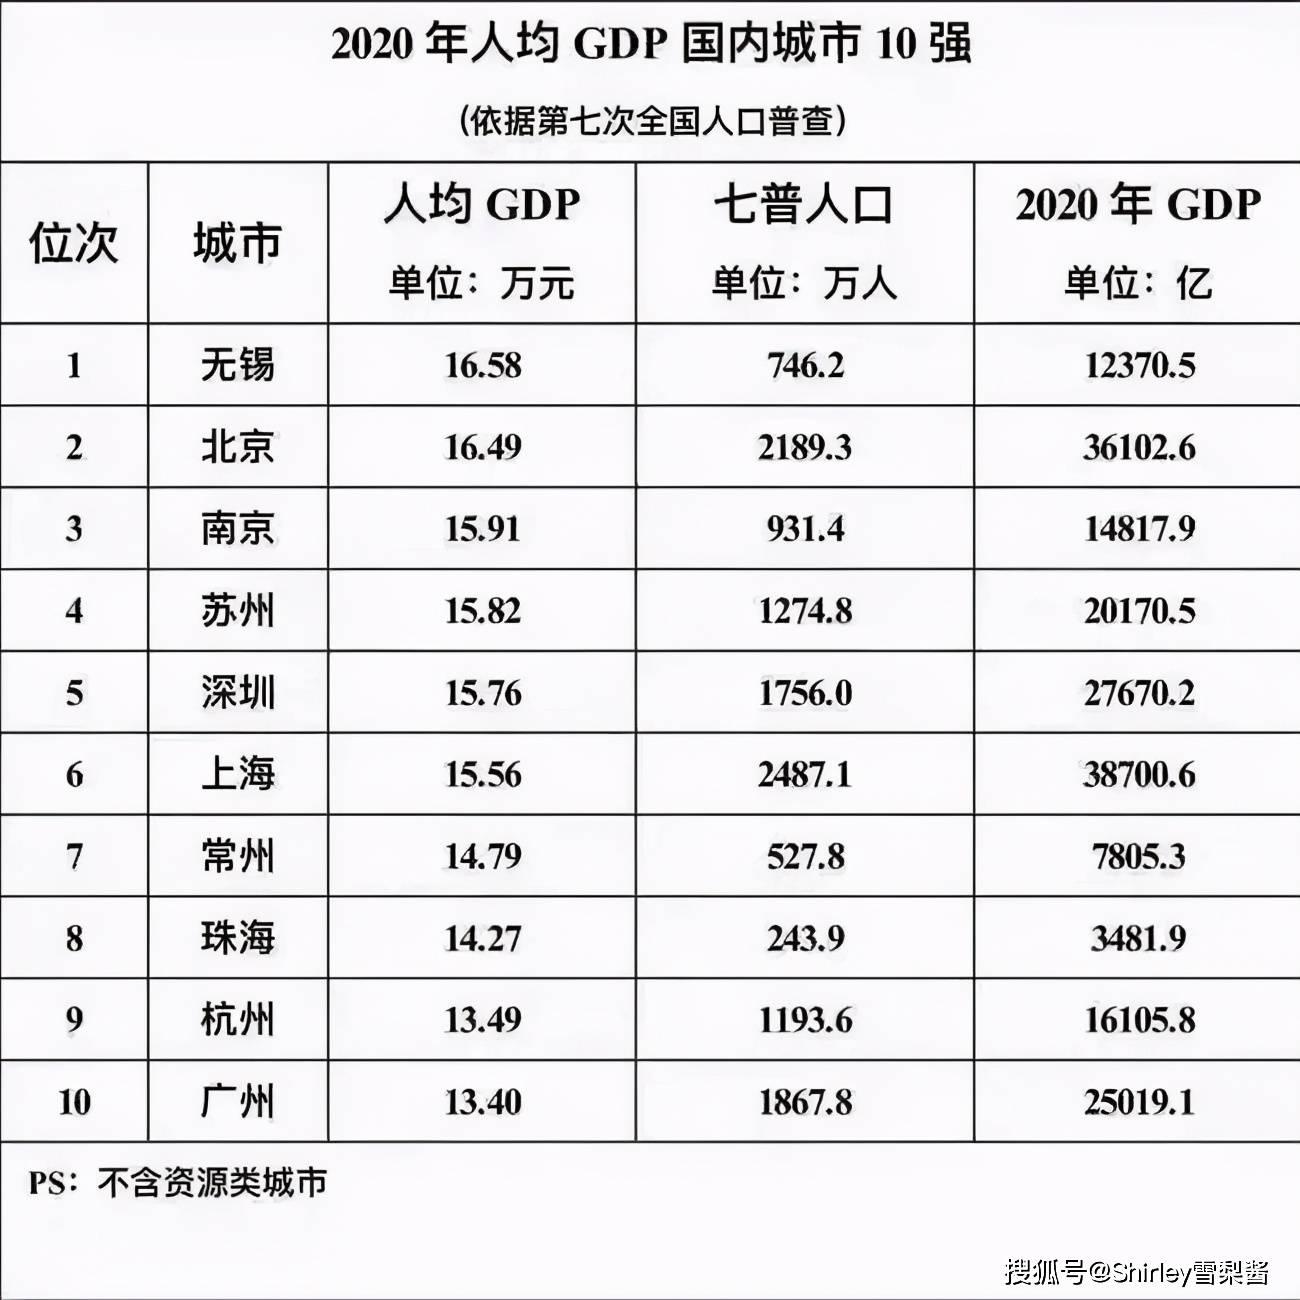 潮州人均gdp排名在全国第几_日本人均GDP世界排名26,美国世界排名12,中国排在第几呢